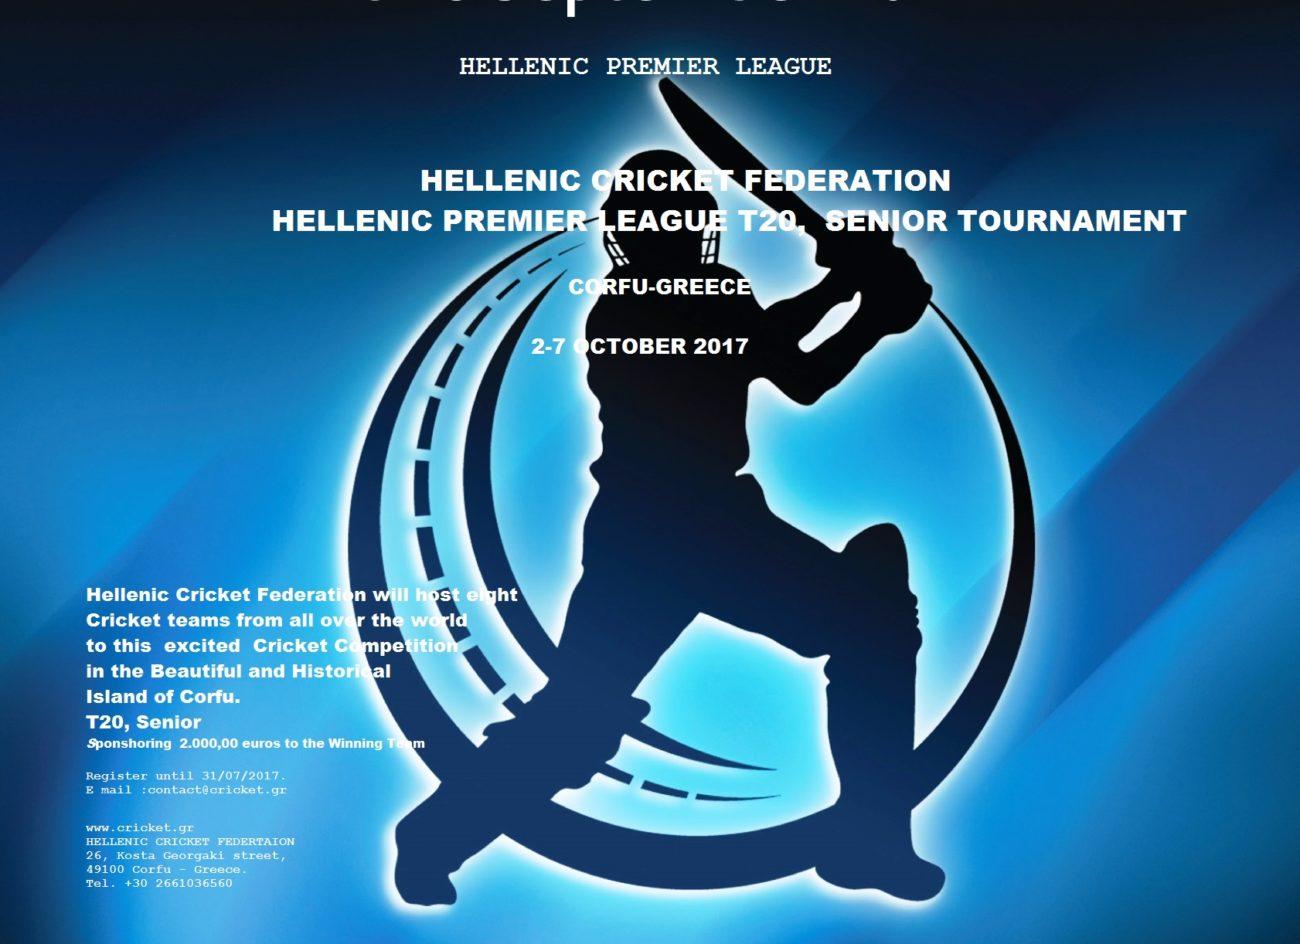 Ελληνικό Πρωτάθλημα Κρίκετ | Ελληνική Ομοσπονδία Κρίκετ